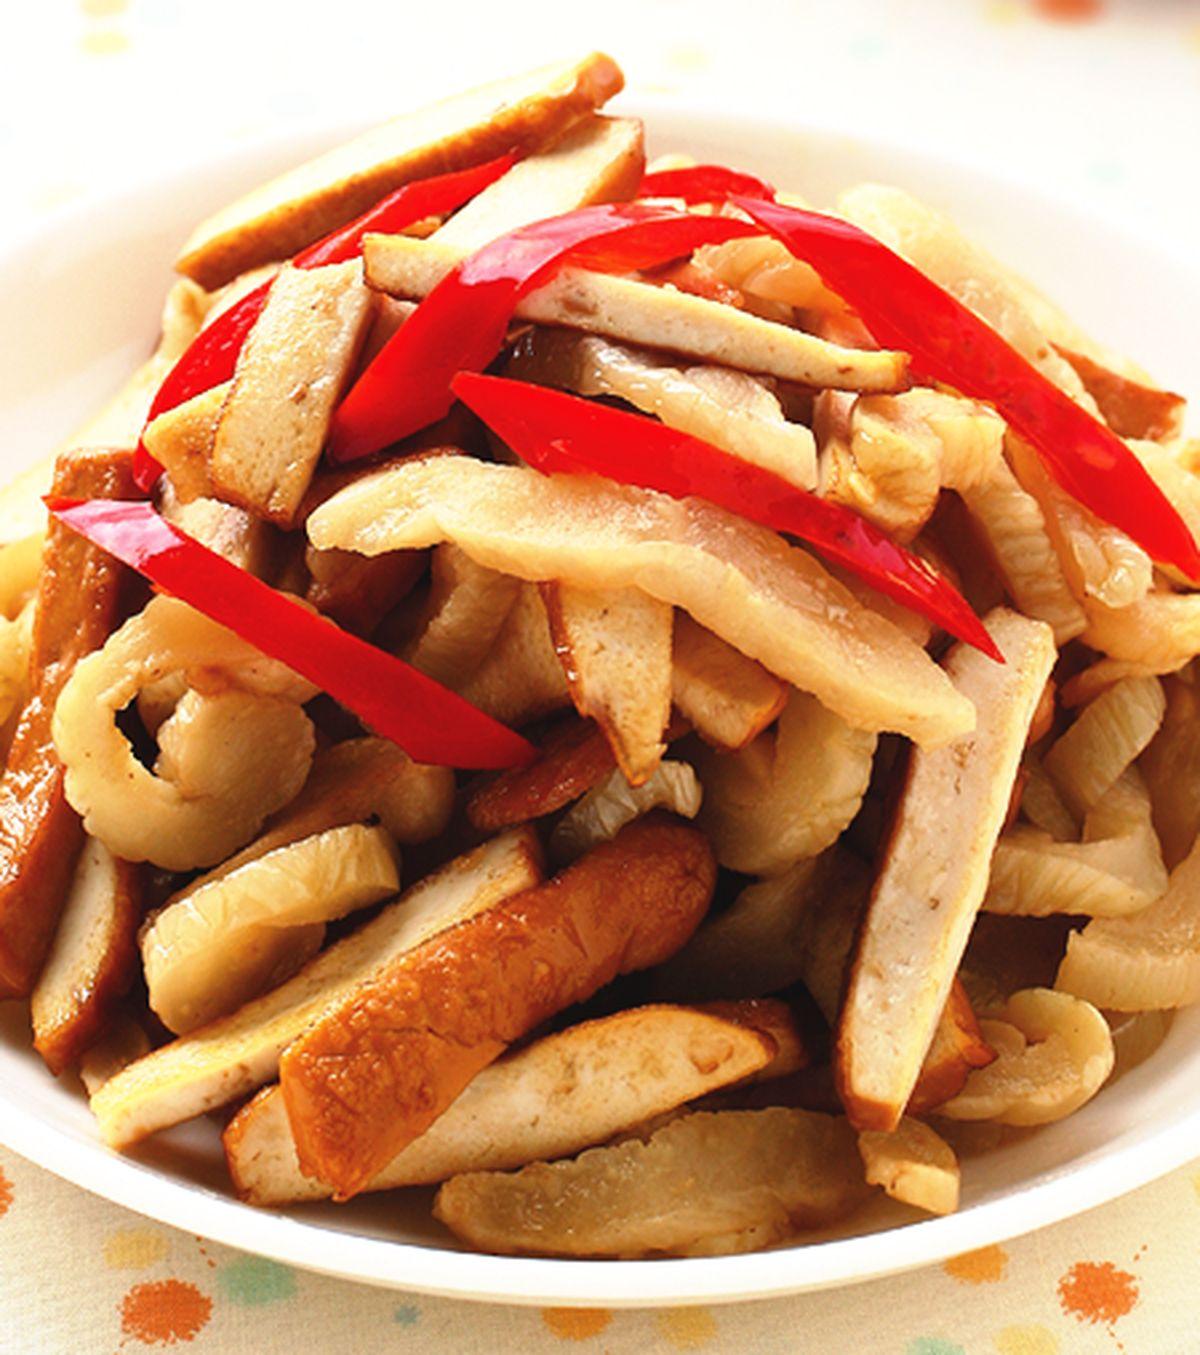 食譜:越瓜脯炒豆乾